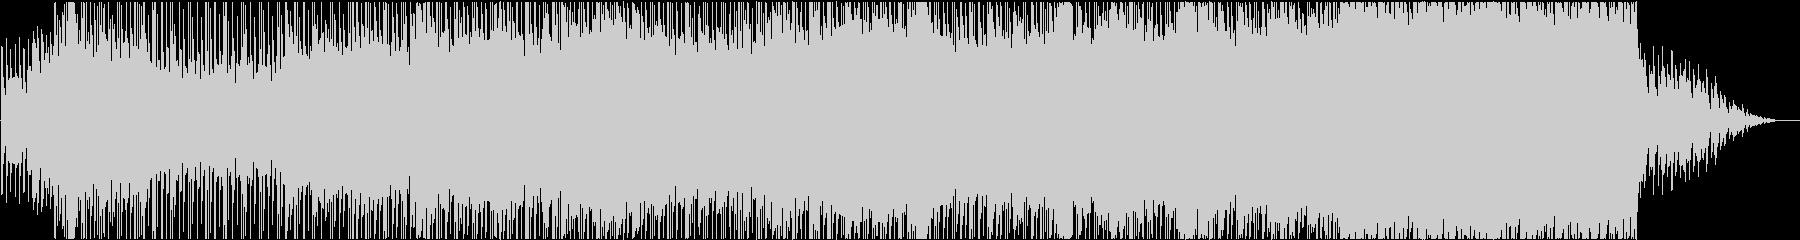 【バンド系】ミドルテンポのピアノバラードの未再生の波形